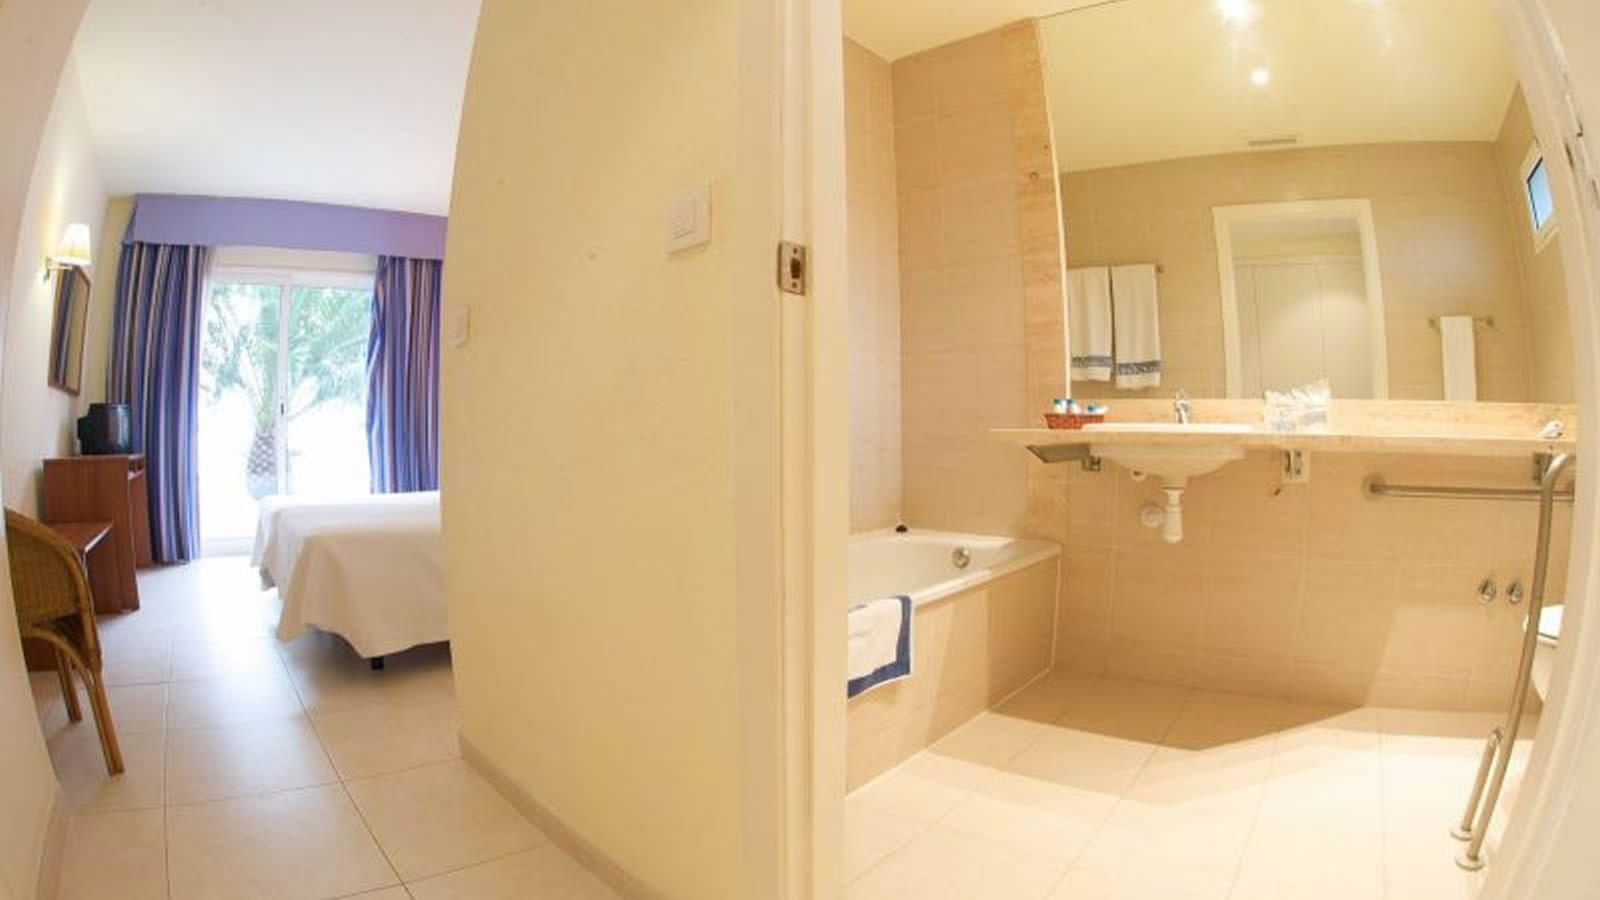 Chambres handicapés de l'Hotel Carlos III a Alcanar- Sant Carles de la Ràpita- Delta de l'Ebre